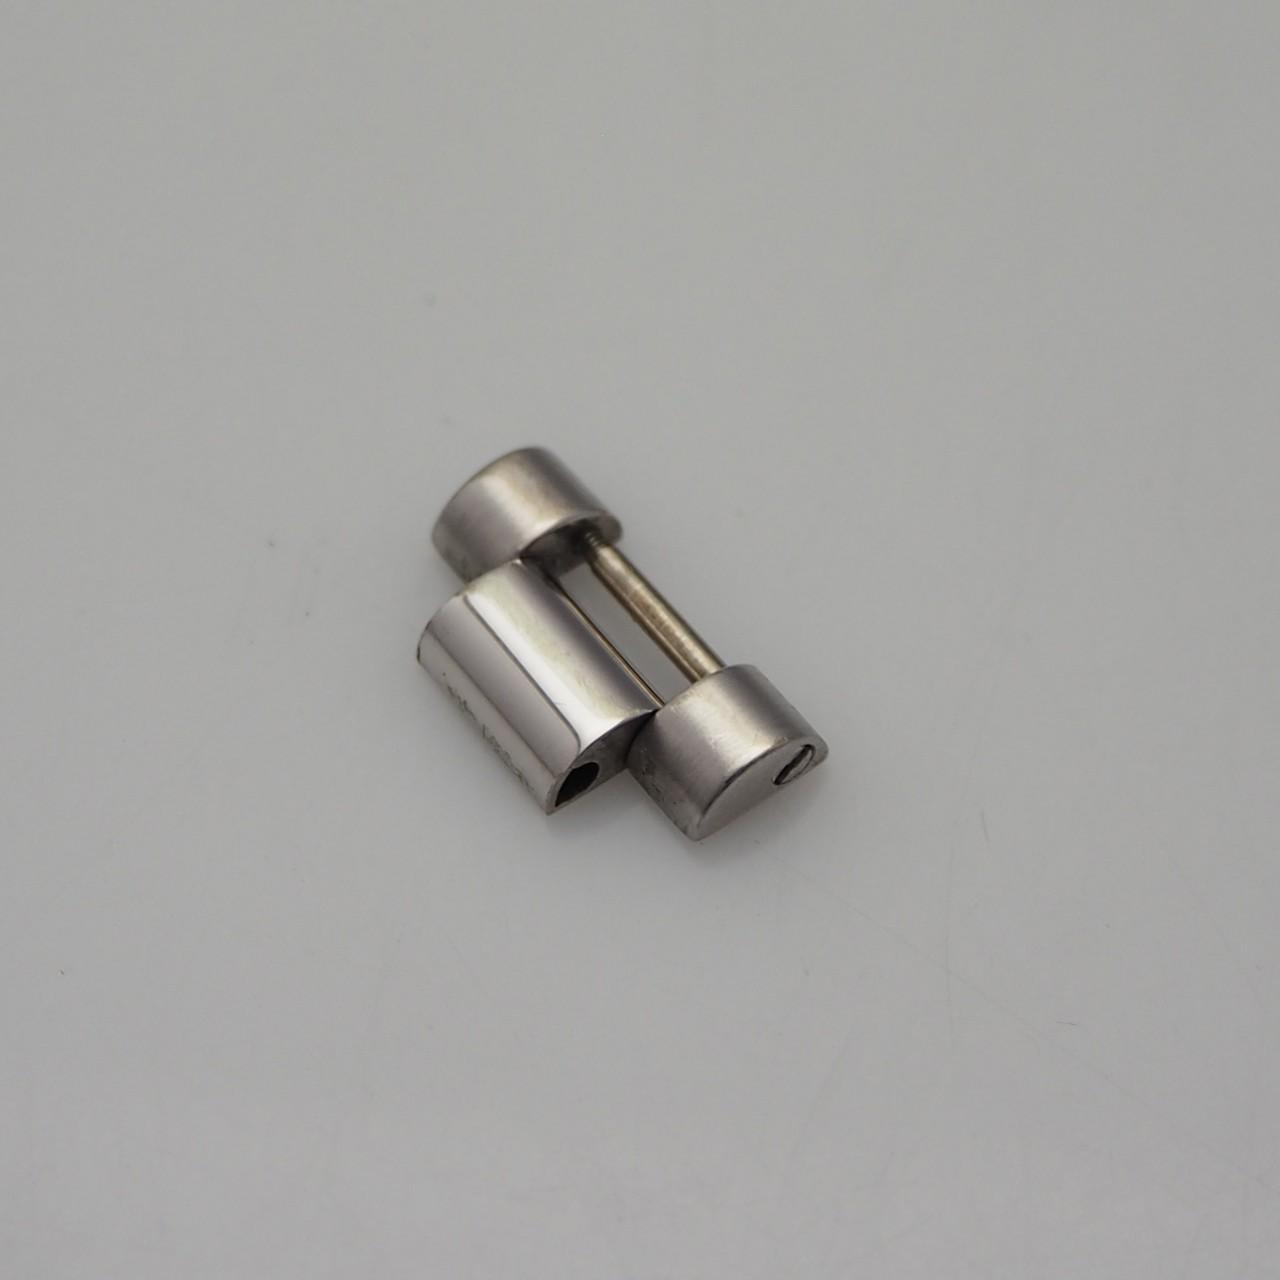 Rolex Day-Date Präsident 16mm Bandelemente/ Bandglieder (1X) Weißgold 18k/750